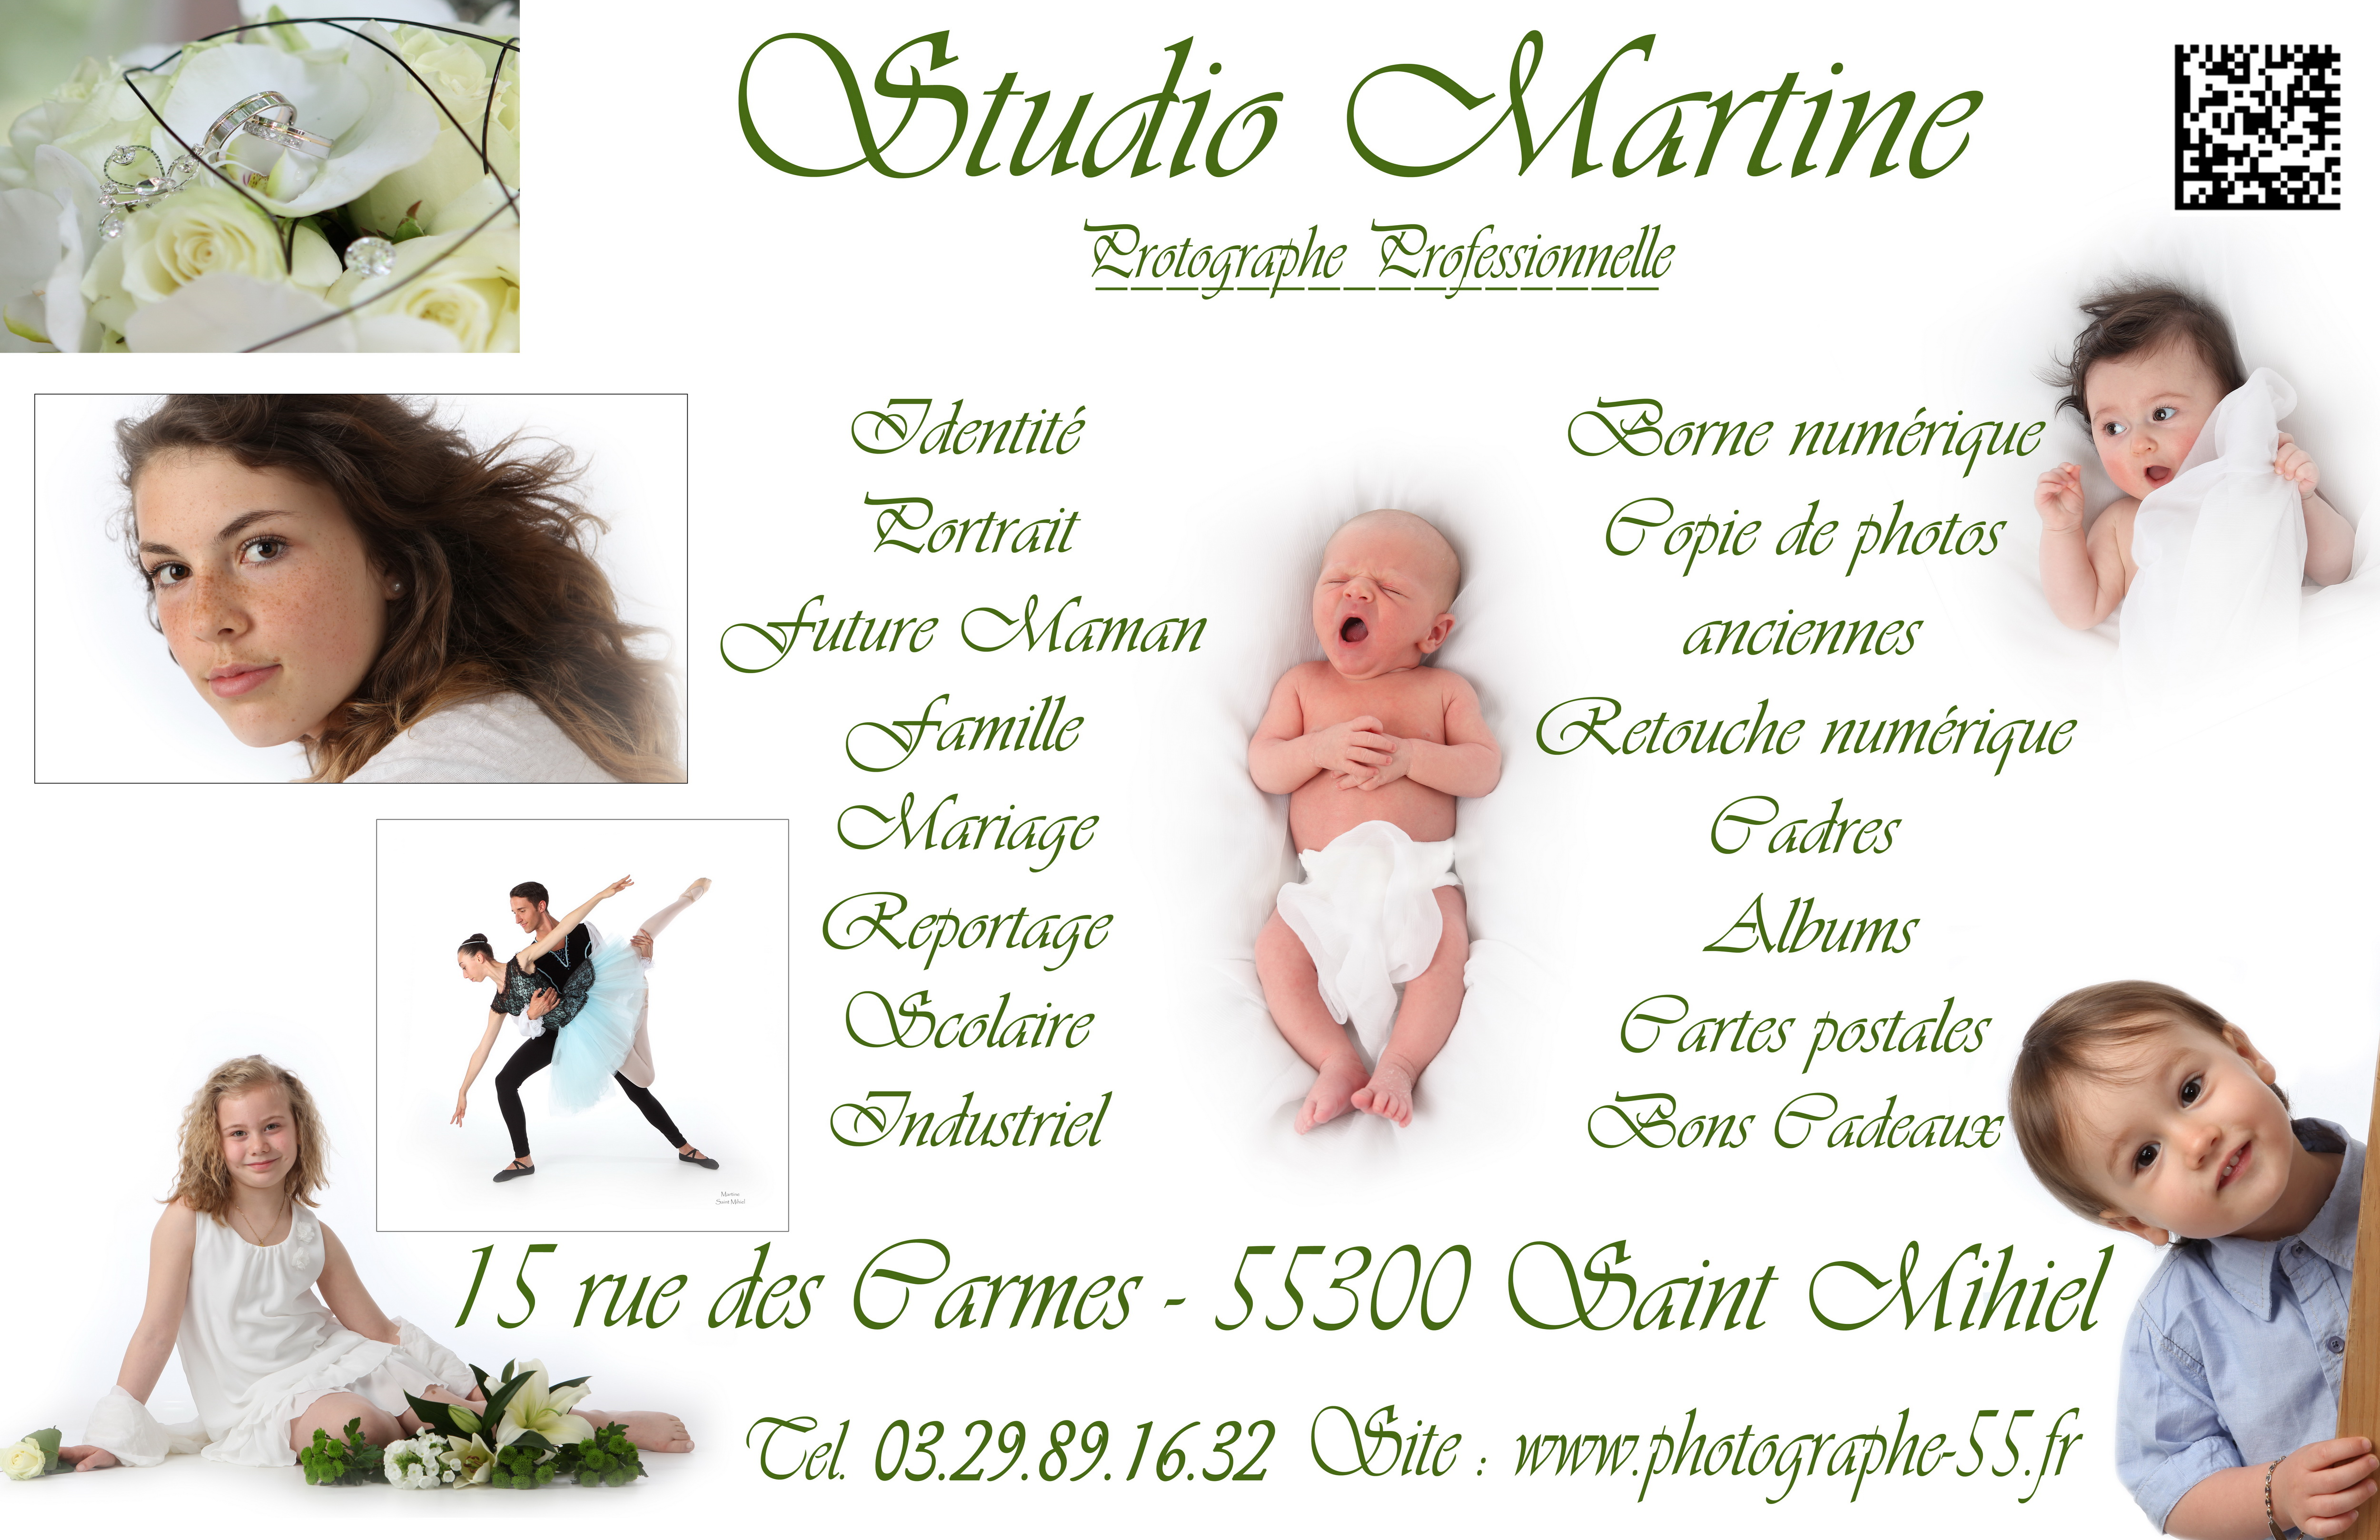 Studio Martine